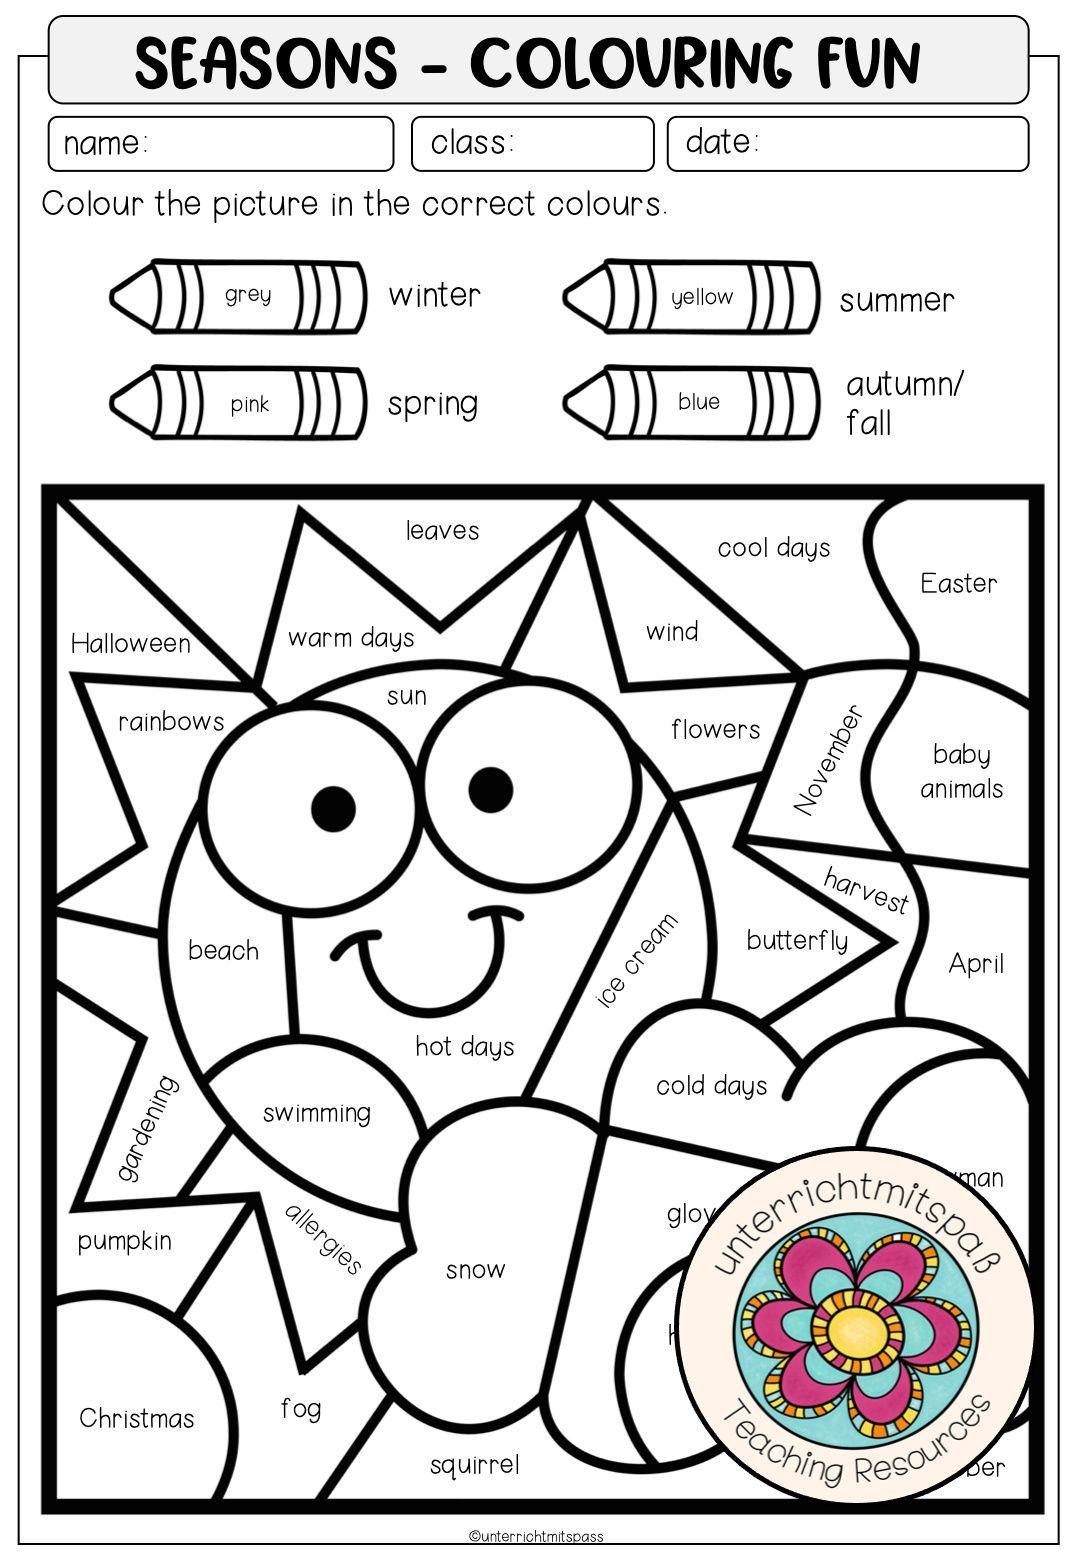 Seasons Colouring Fun Unterrichtsmaterial Im Fach Englisch In 2021 Englisch Lernen Kinder Englisch Fur Kinder Unterrichtsmaterial